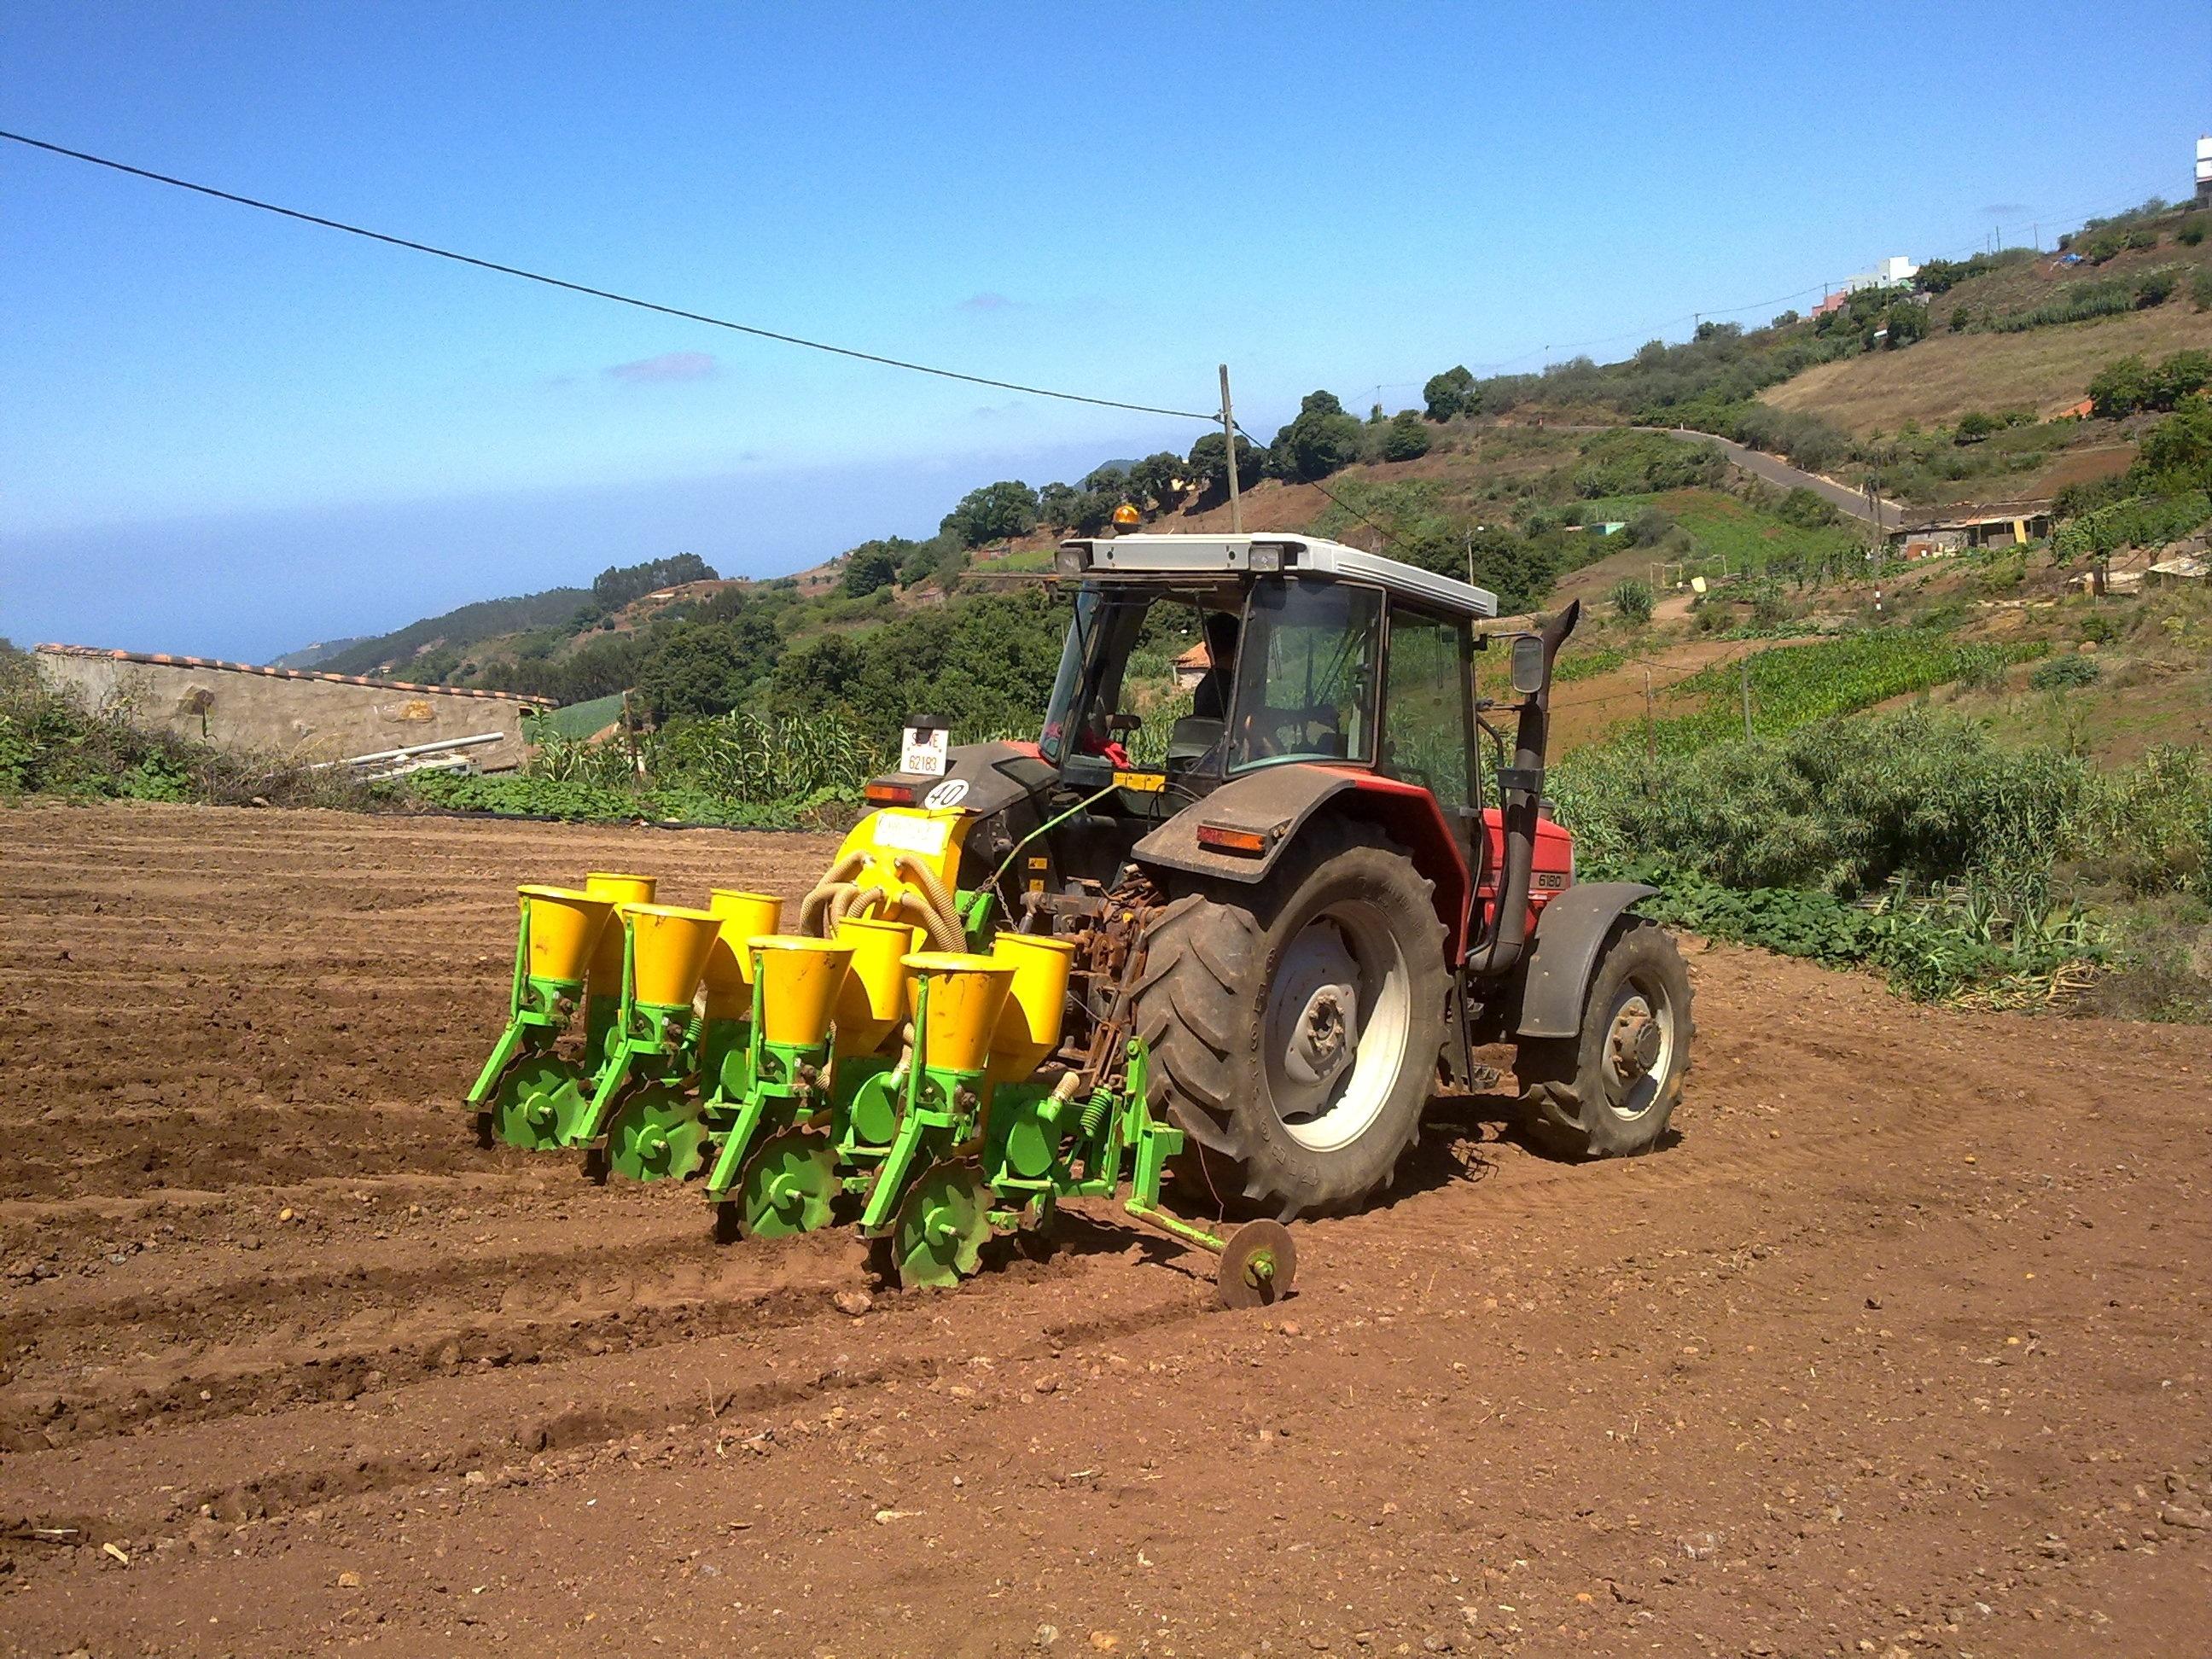 El Congreso pide al Gobierno por unanimidad un Estatuto del Emprendedor Rural y menos trabas burocráticas